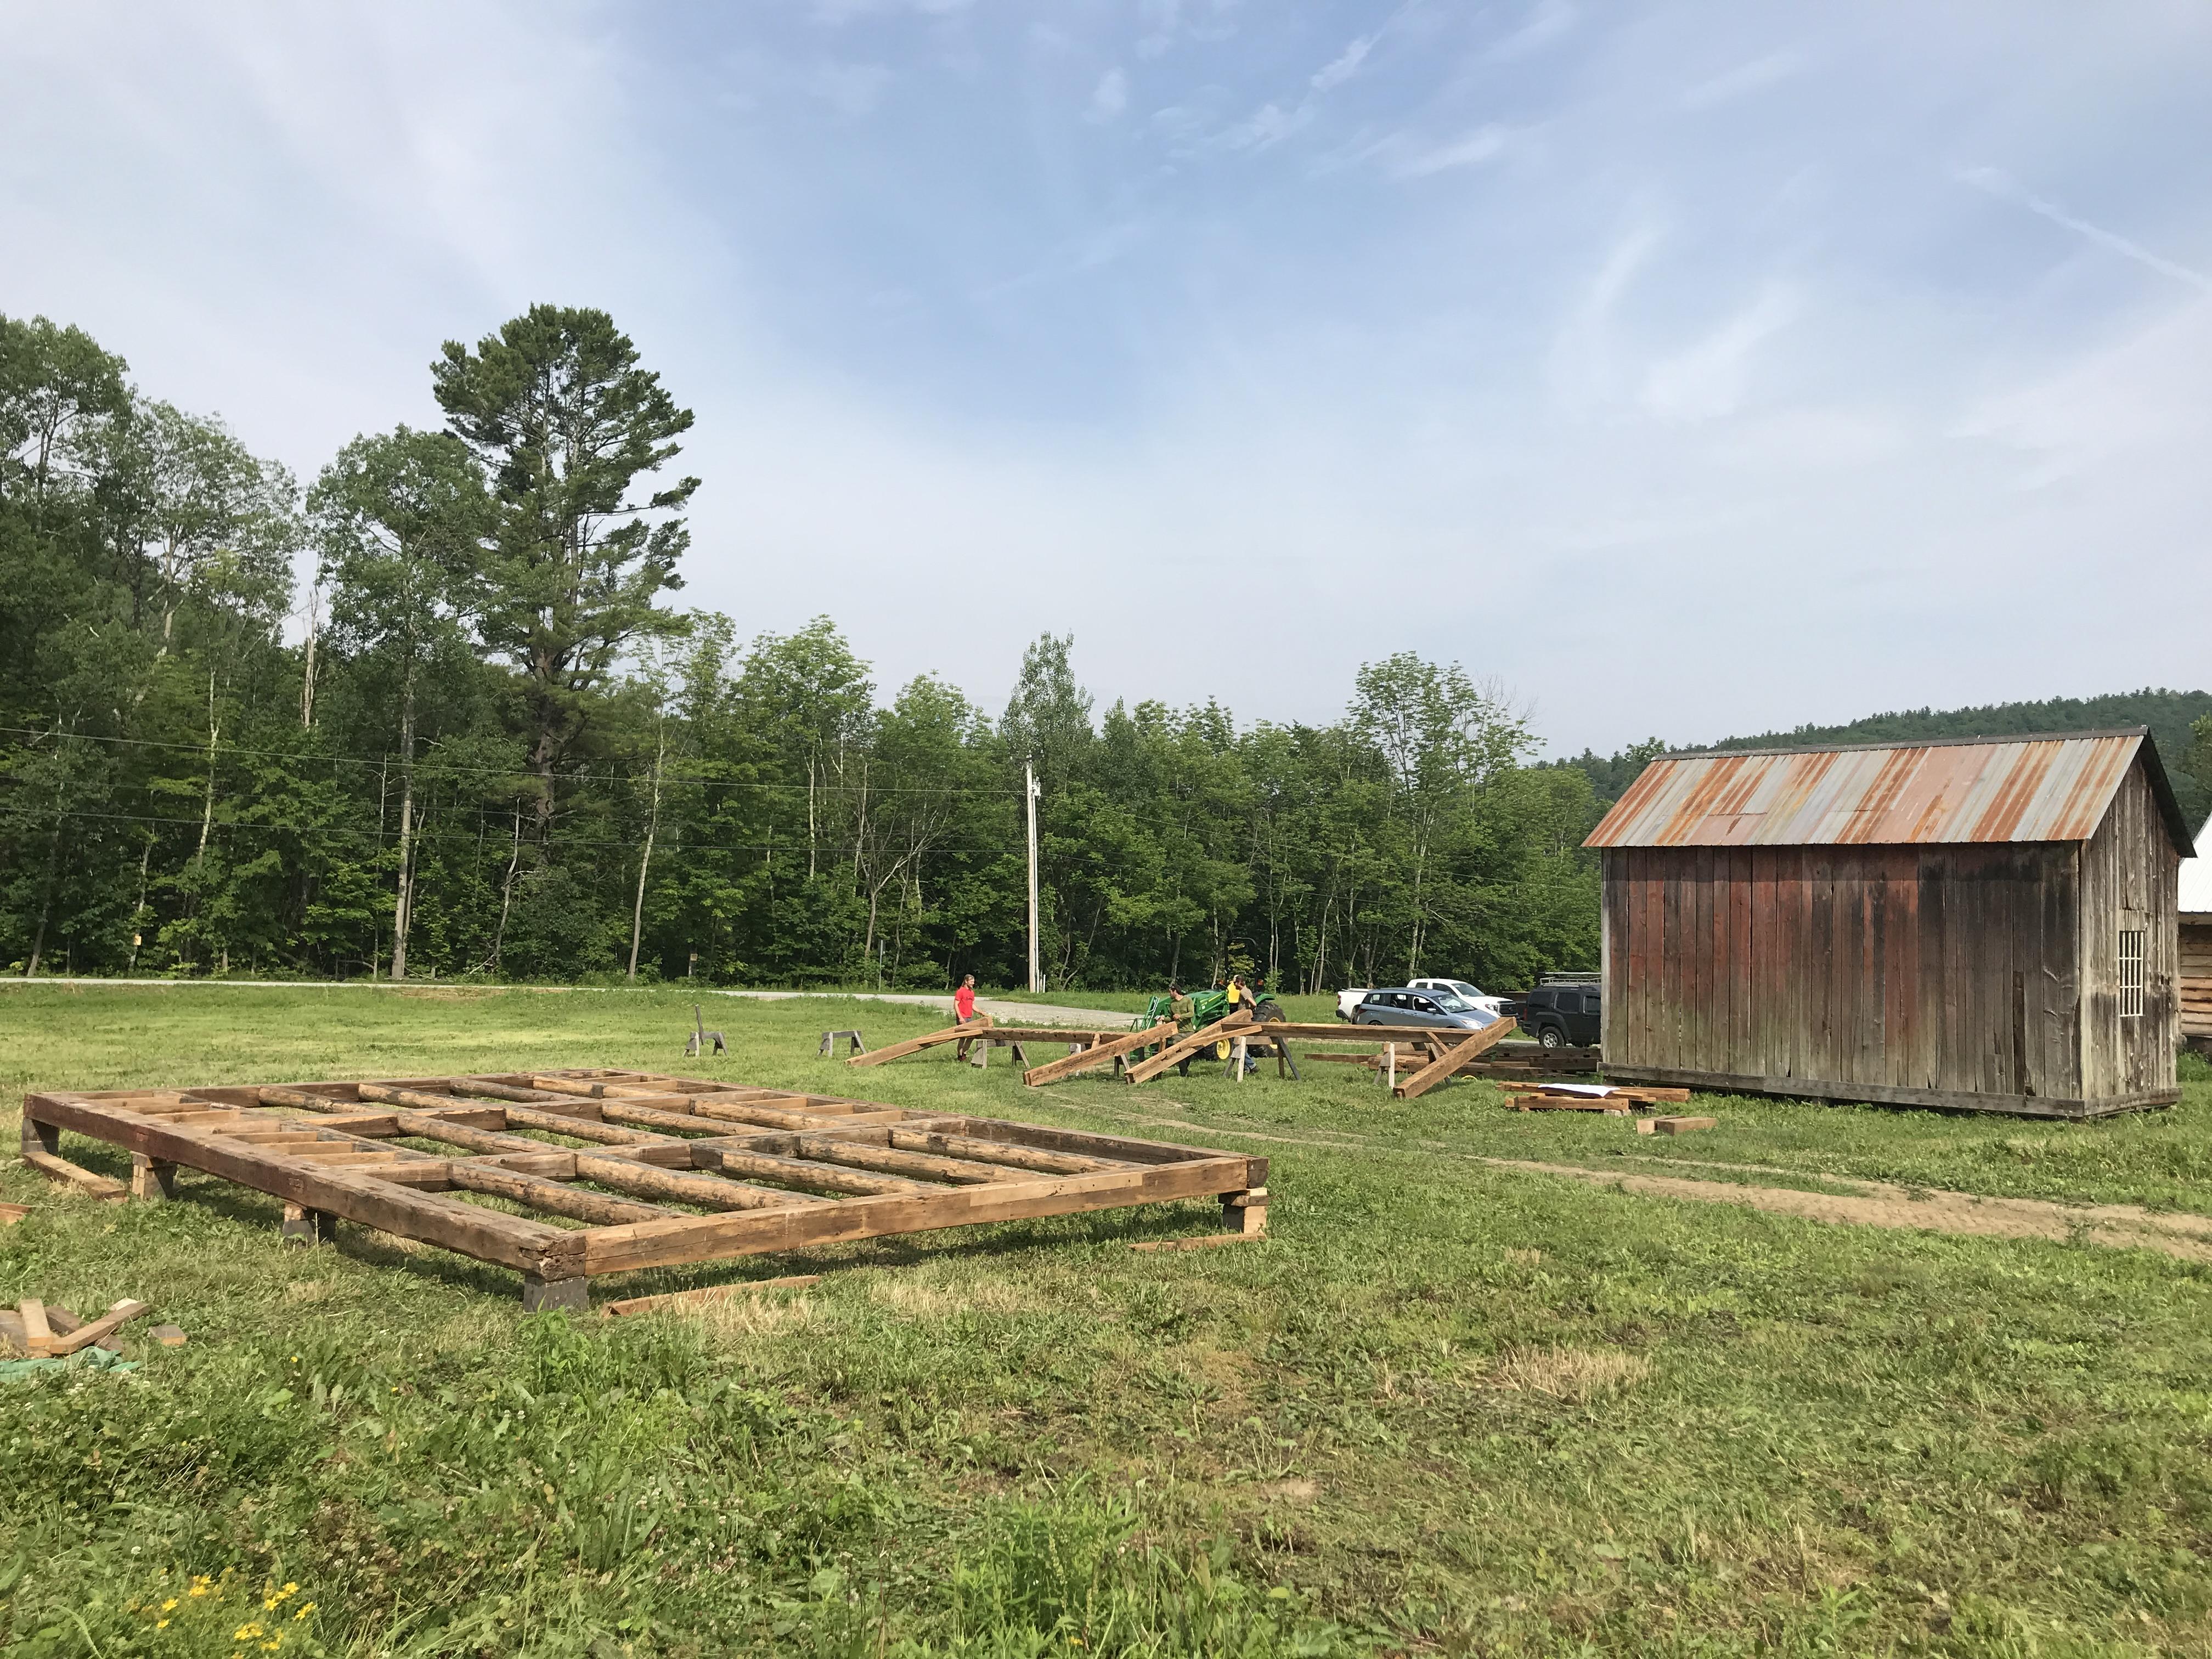 preparing for barn raising of restored vermont farm house